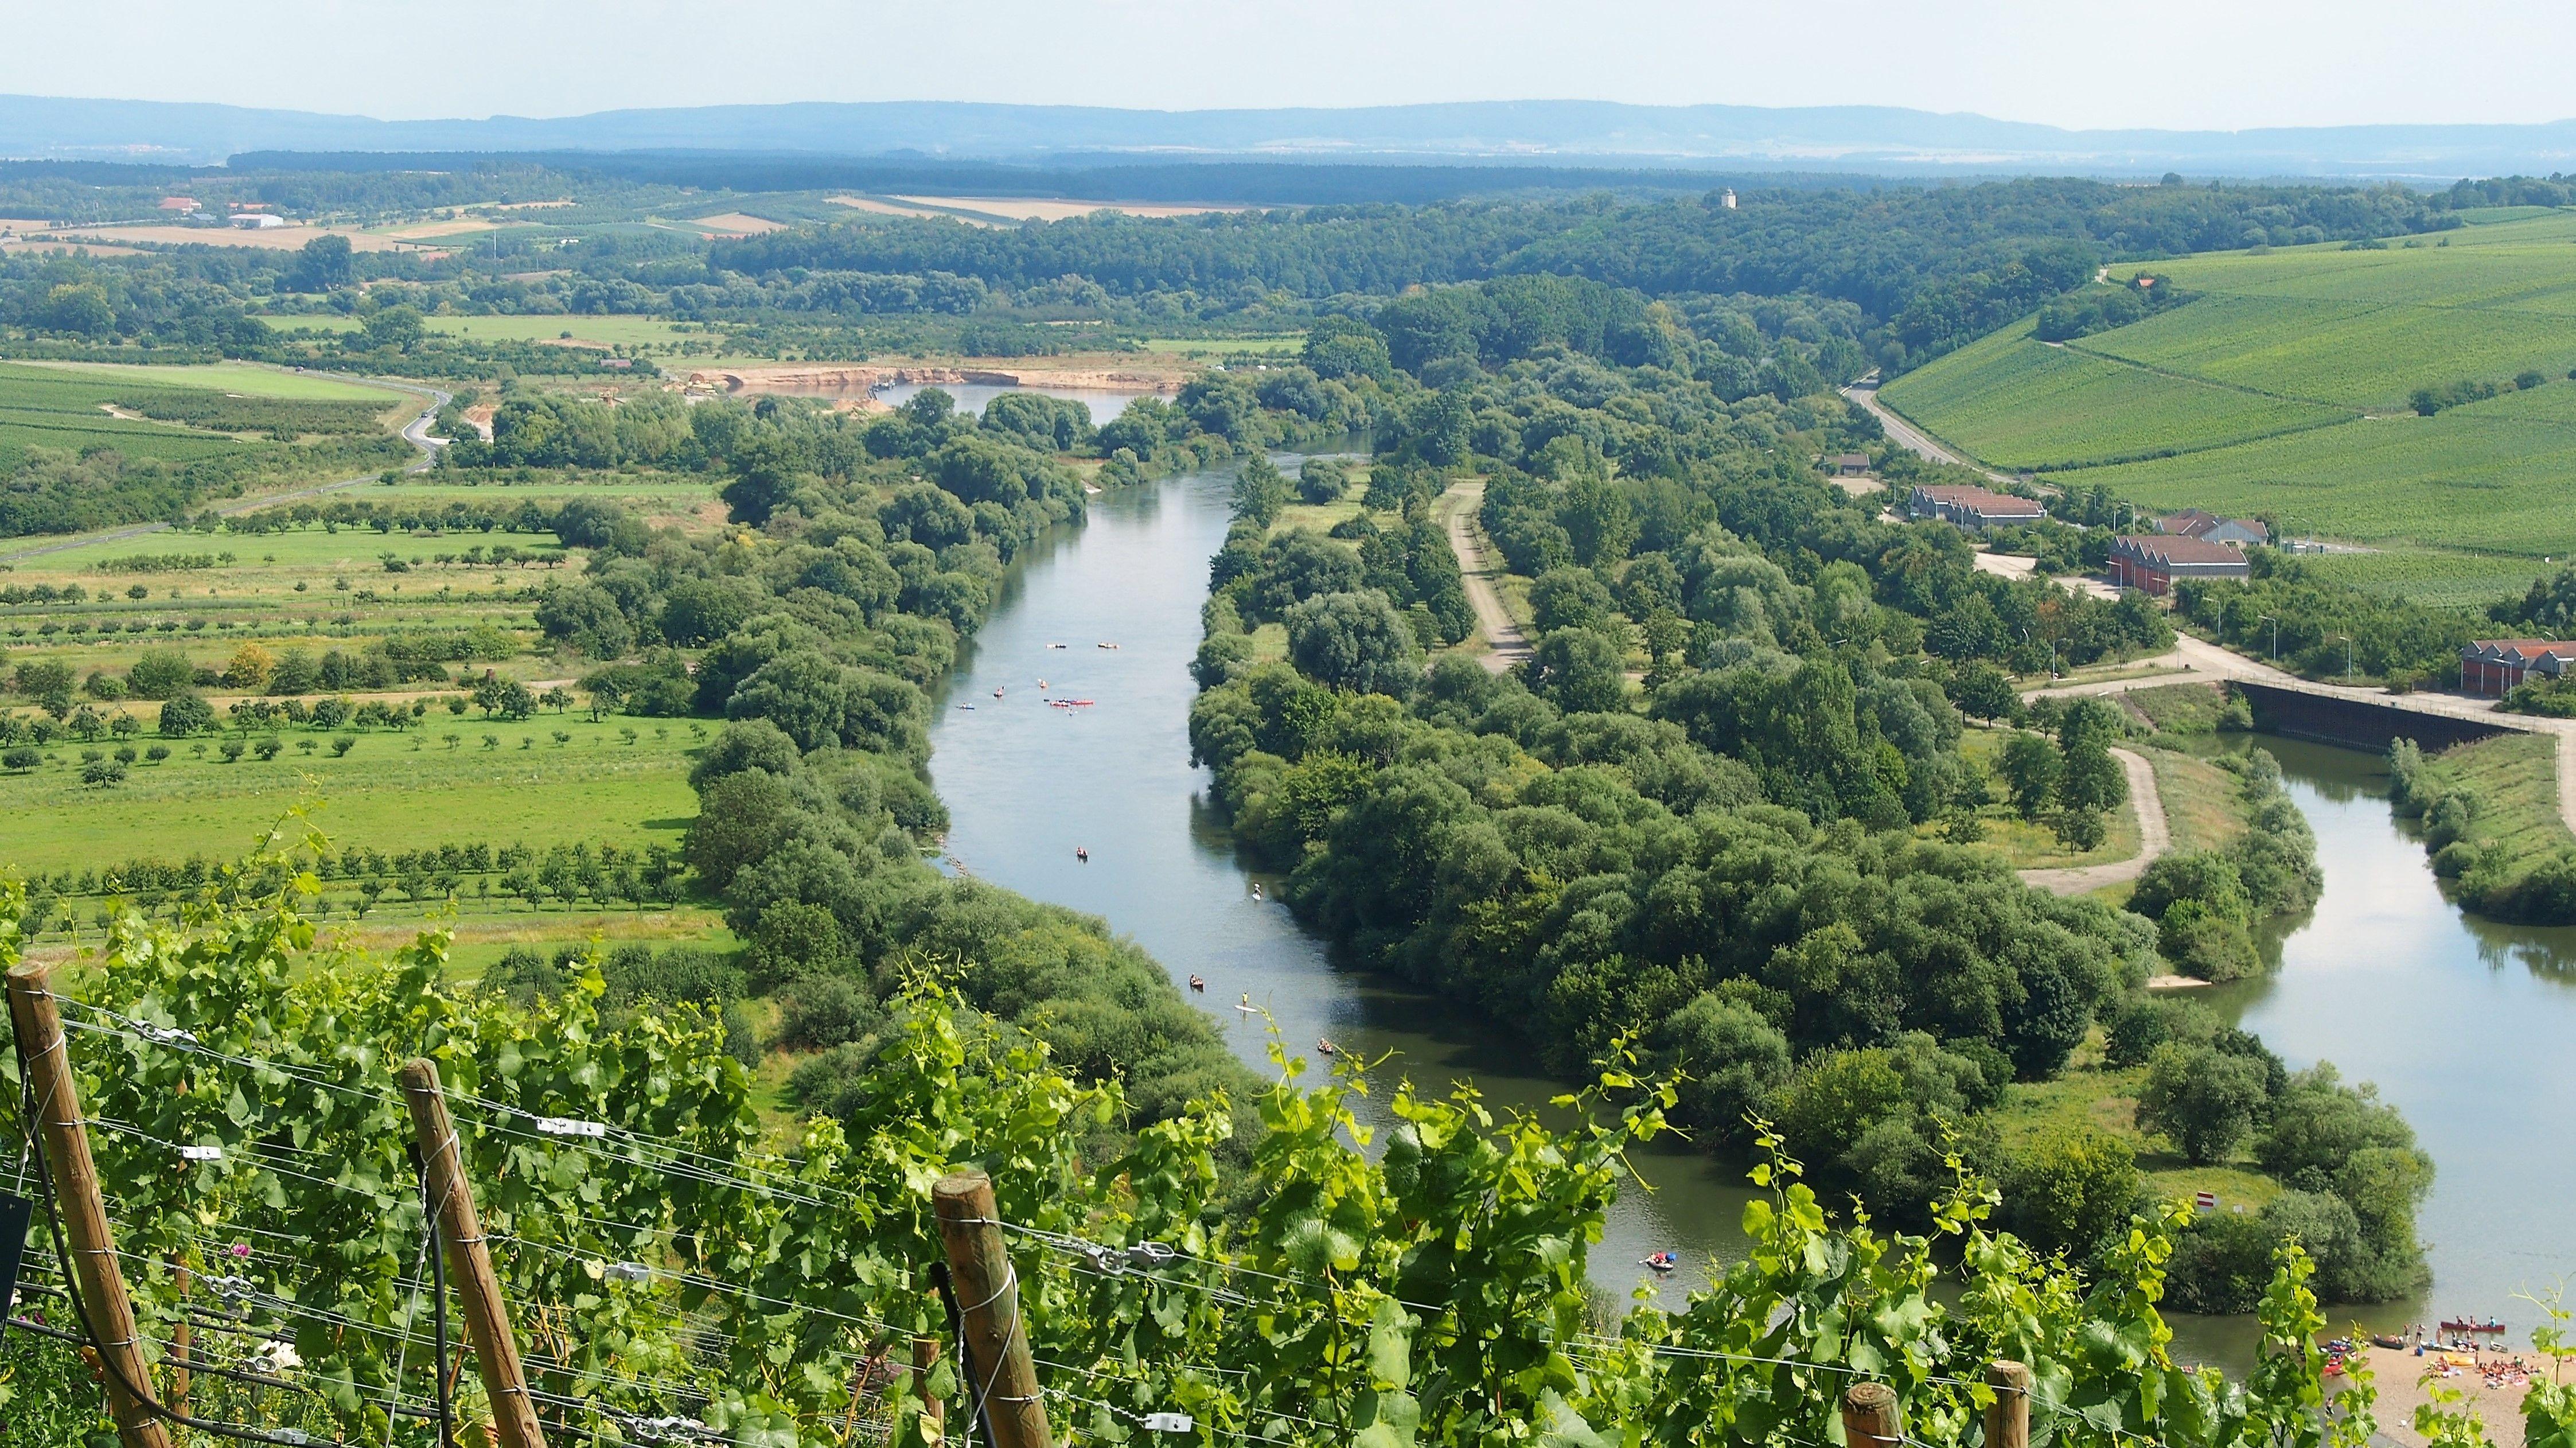 Blick auf die Die Volkacher Mainschleife, die ein Paradies für Weinliebhaber ist.